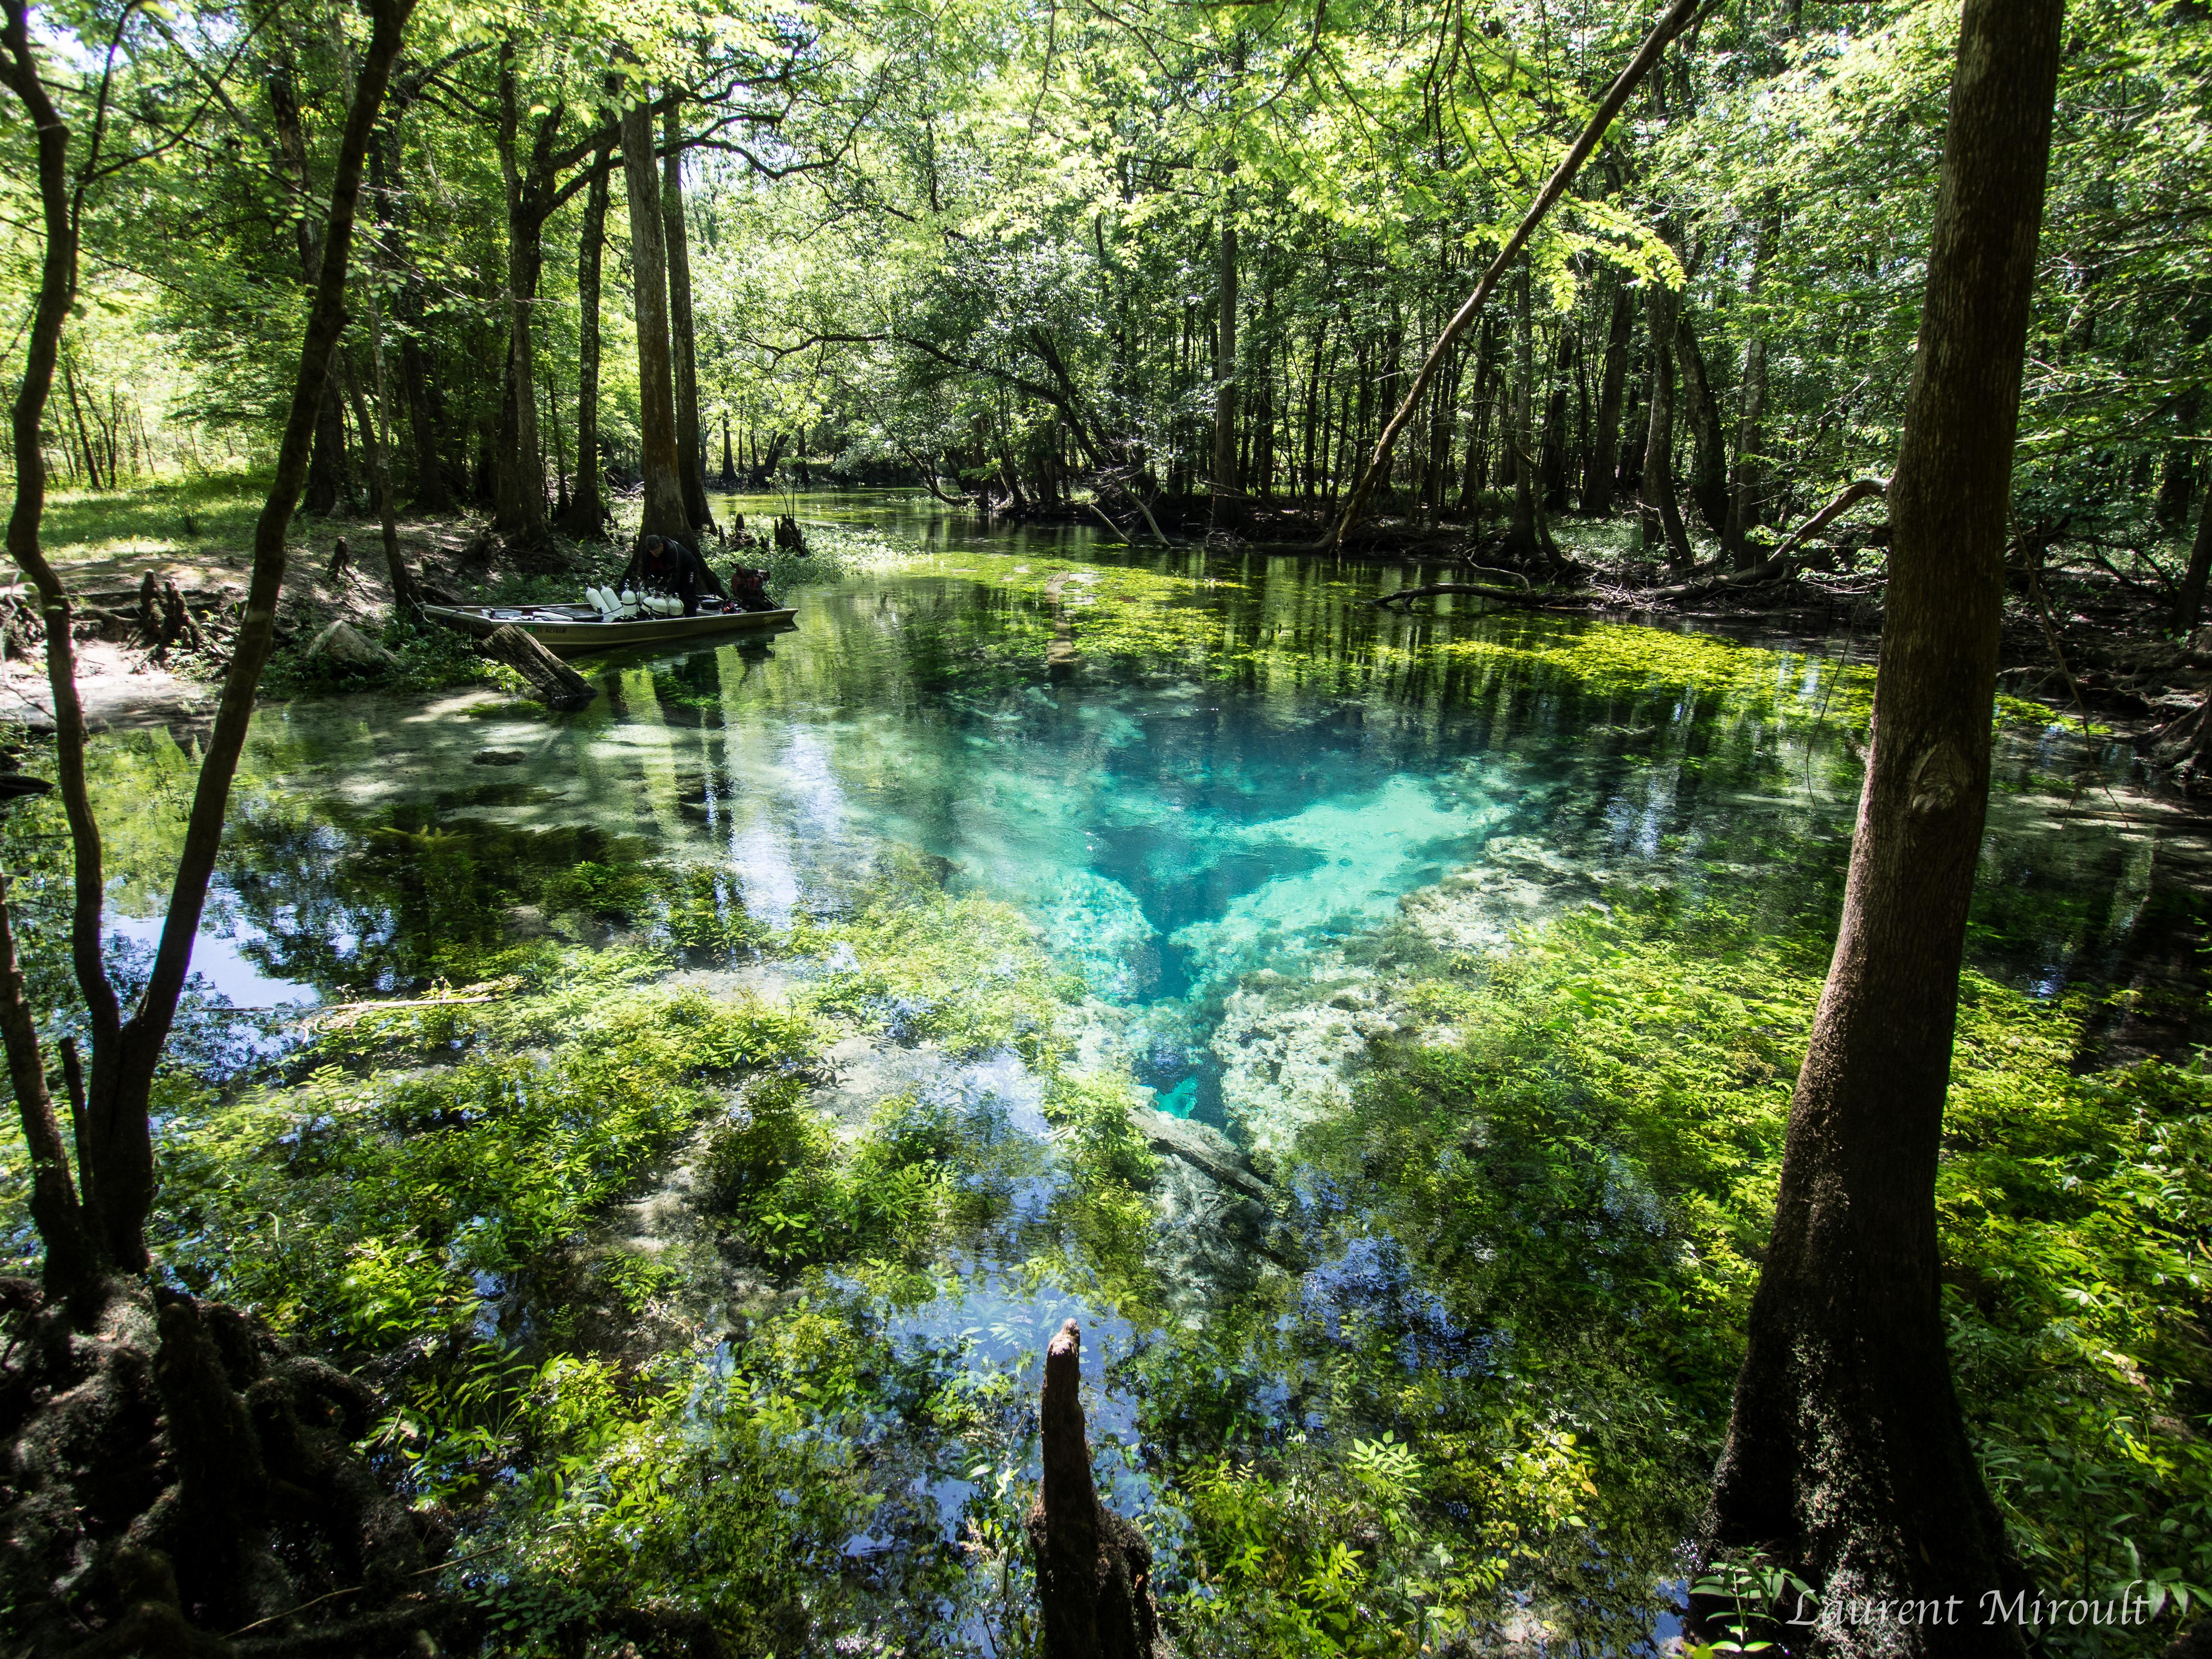 #10 - Bozell Spring, Florida